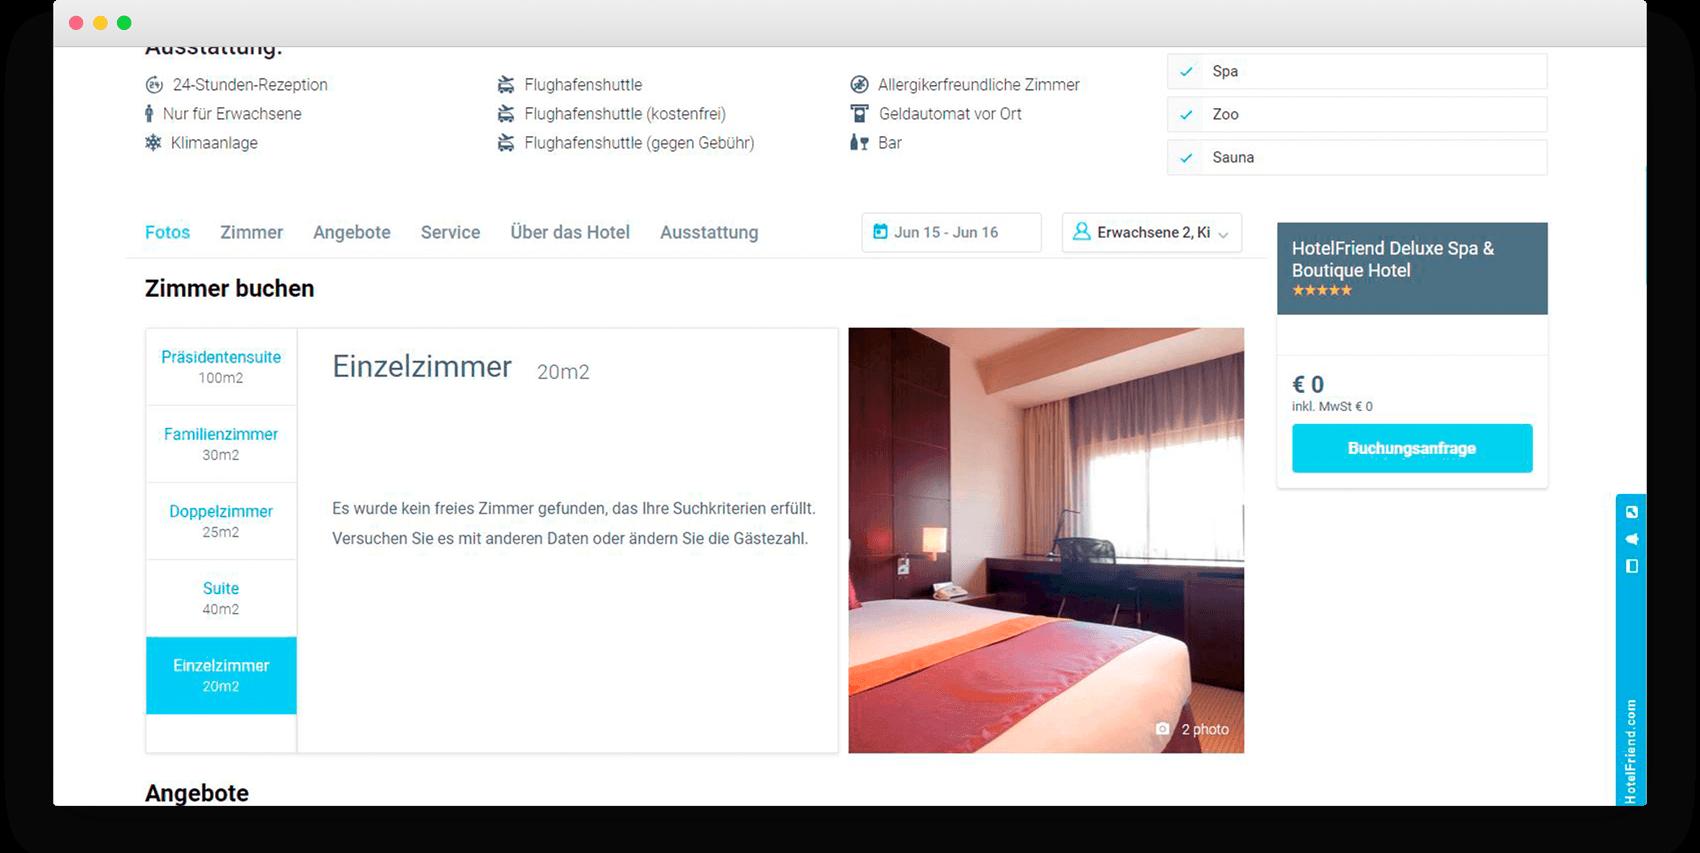 Alle Zimmertypen mit aktuellen Preisen für jedes Datum angezeigt